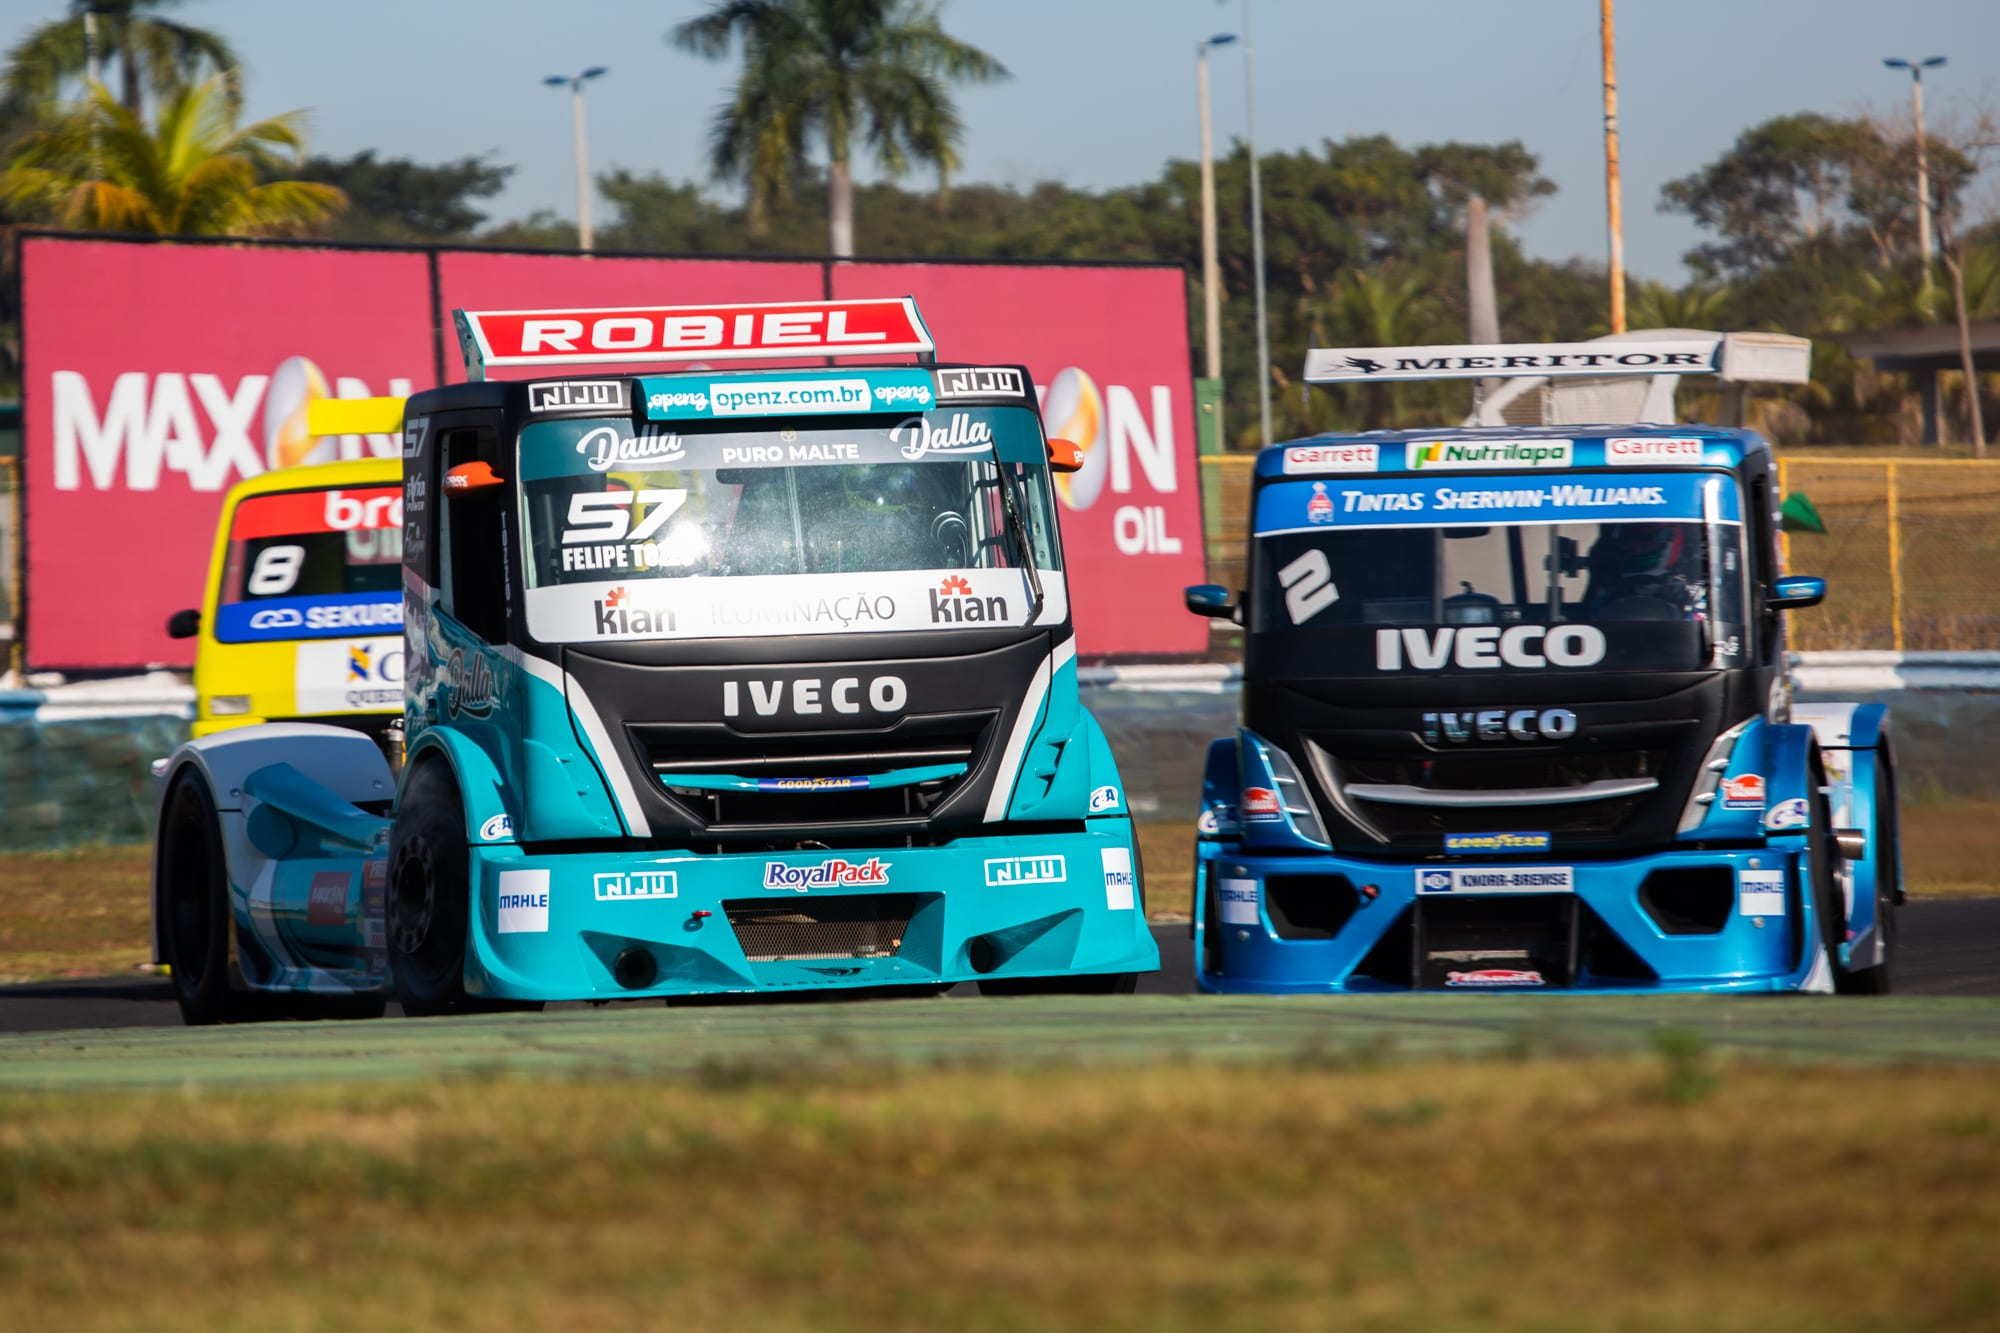 Carboni é patrocinadora oficial da equipe Dakar na Copa Truck 2021 51196116788 0a74eccfec o